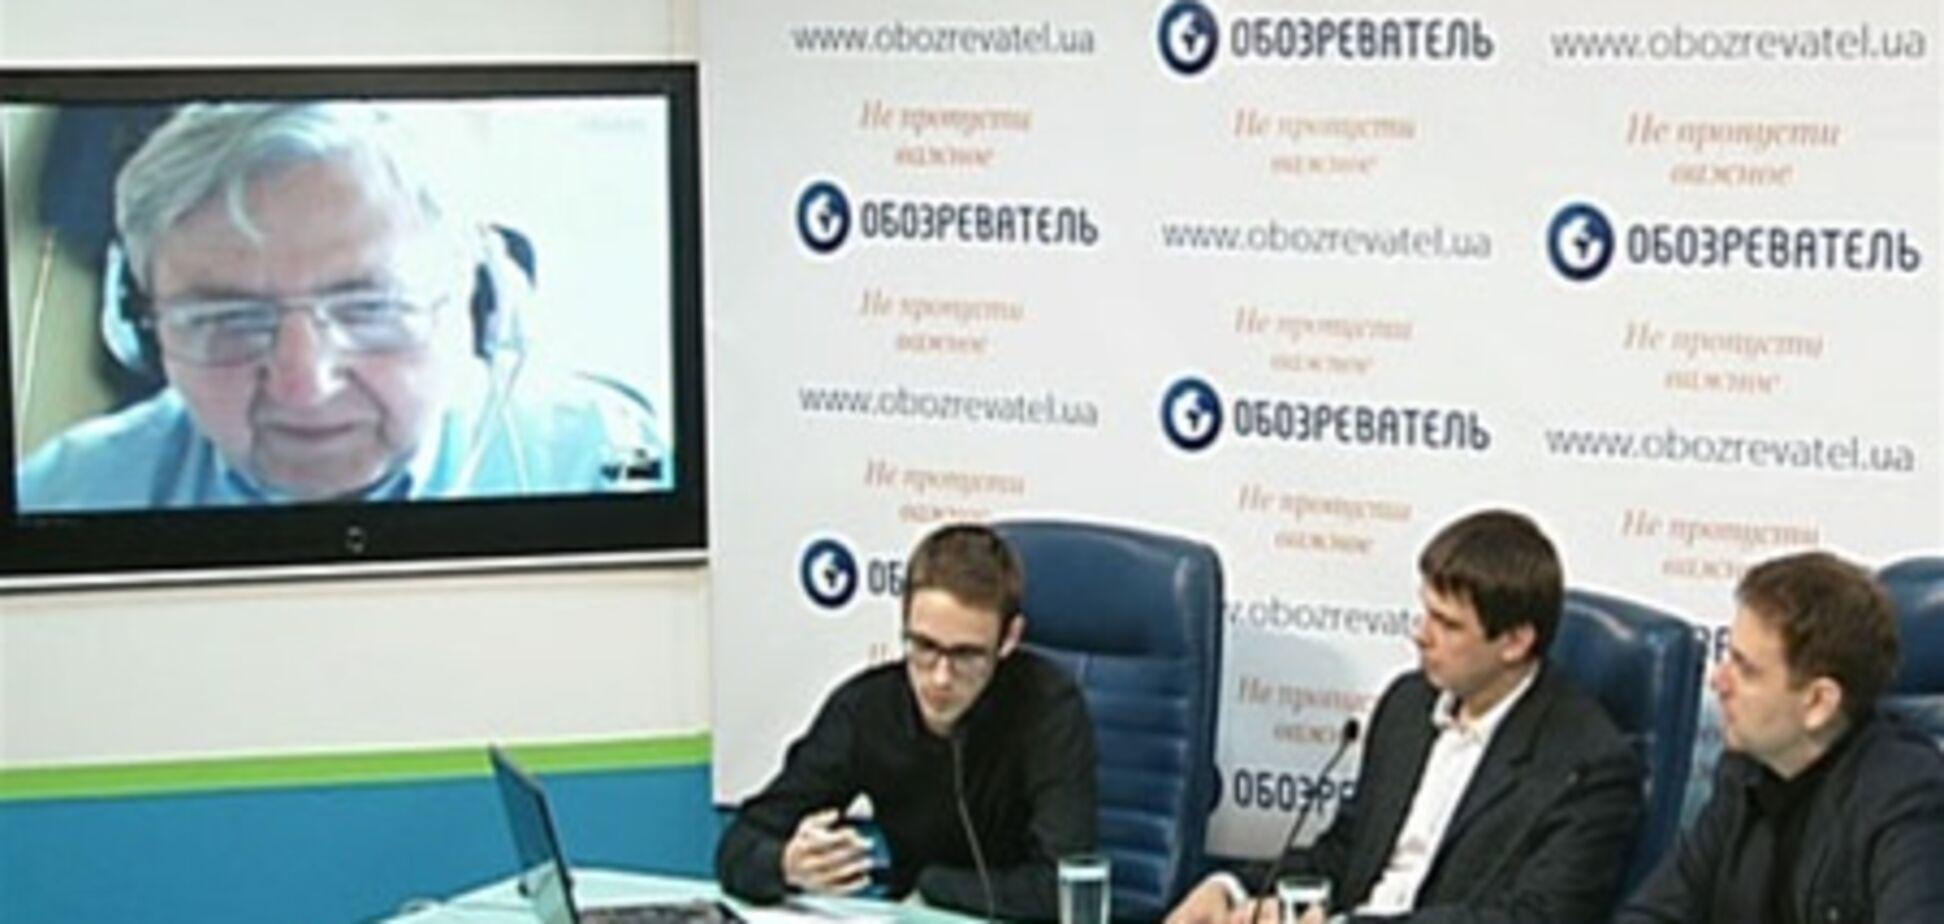 Чешский эксперт предлагает финансировать 'старые' партии из Госбюджета